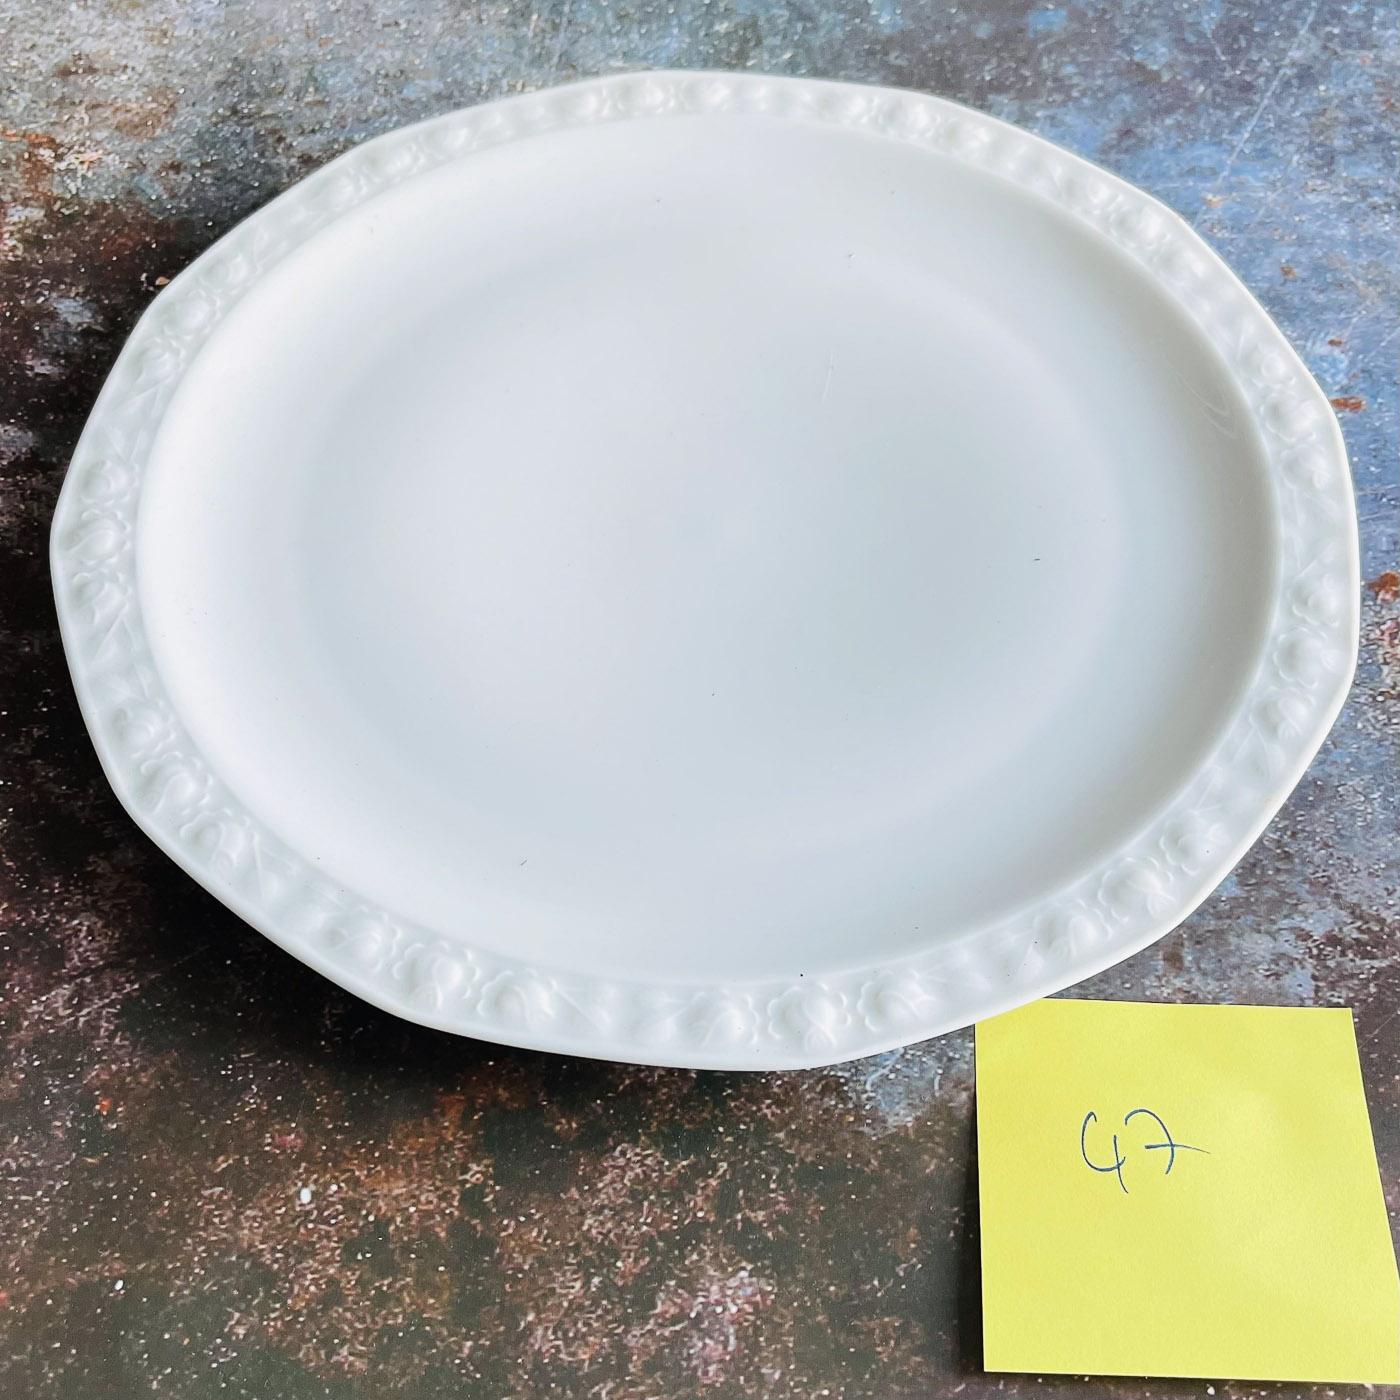 grande assiette blache1